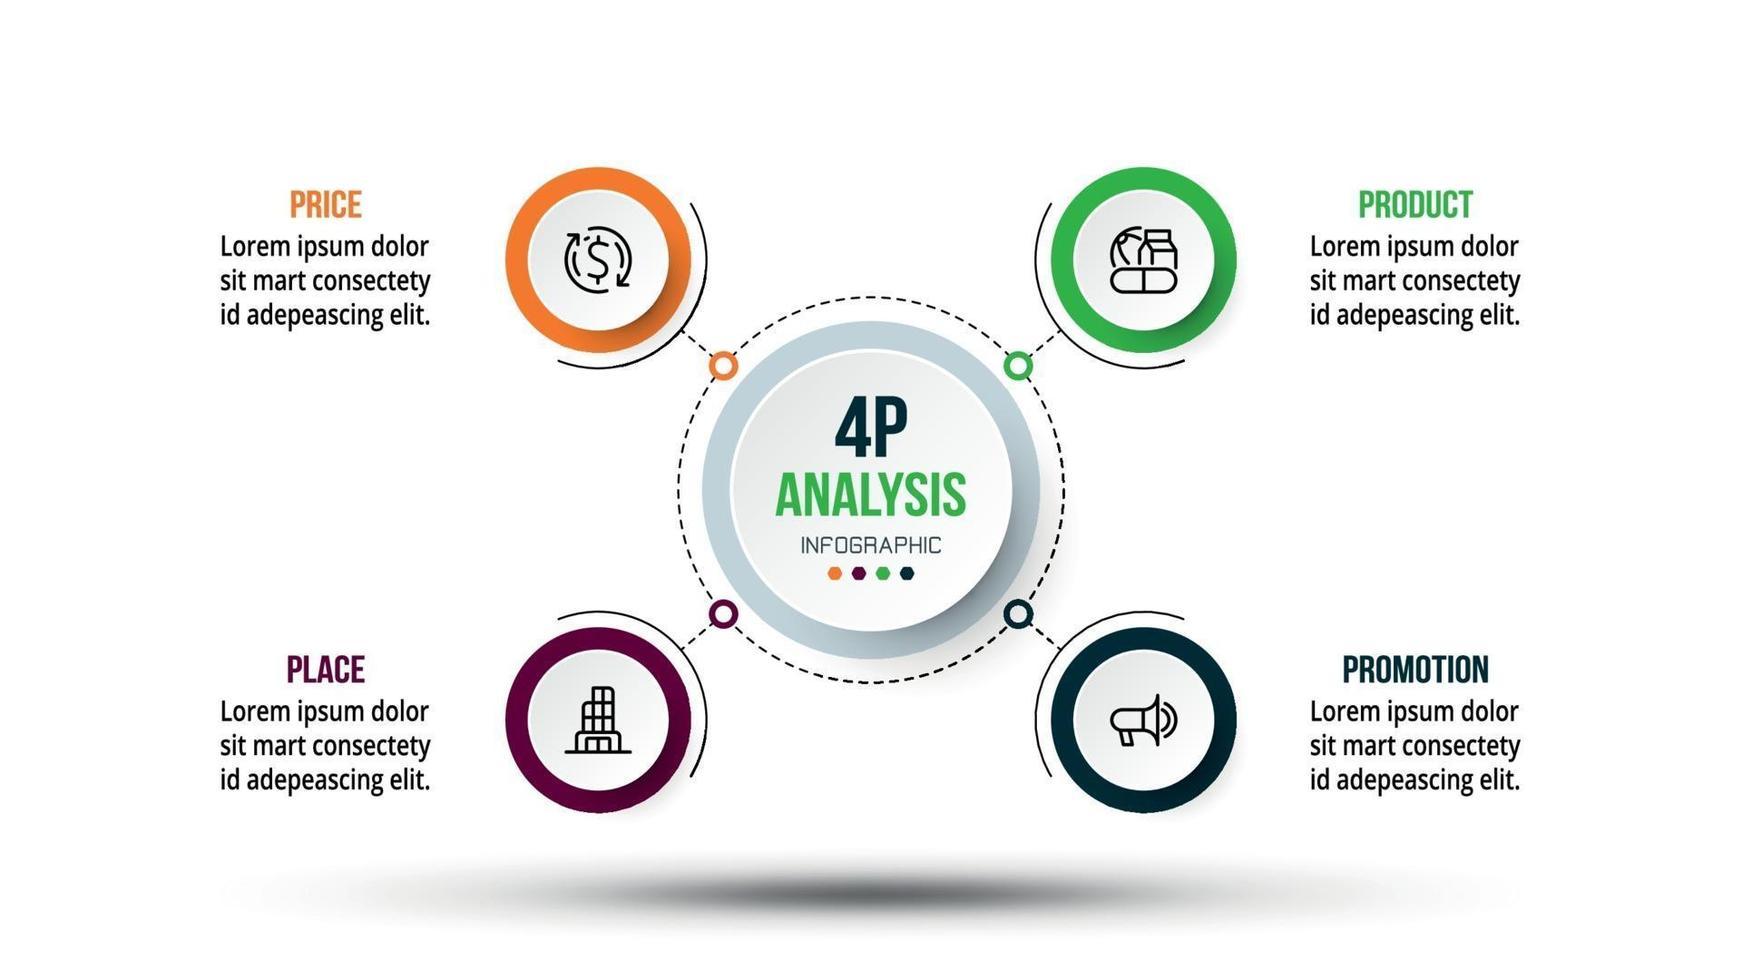 4p analys affärs- eller marknadsföringsdiagram infografisk mall. vektor